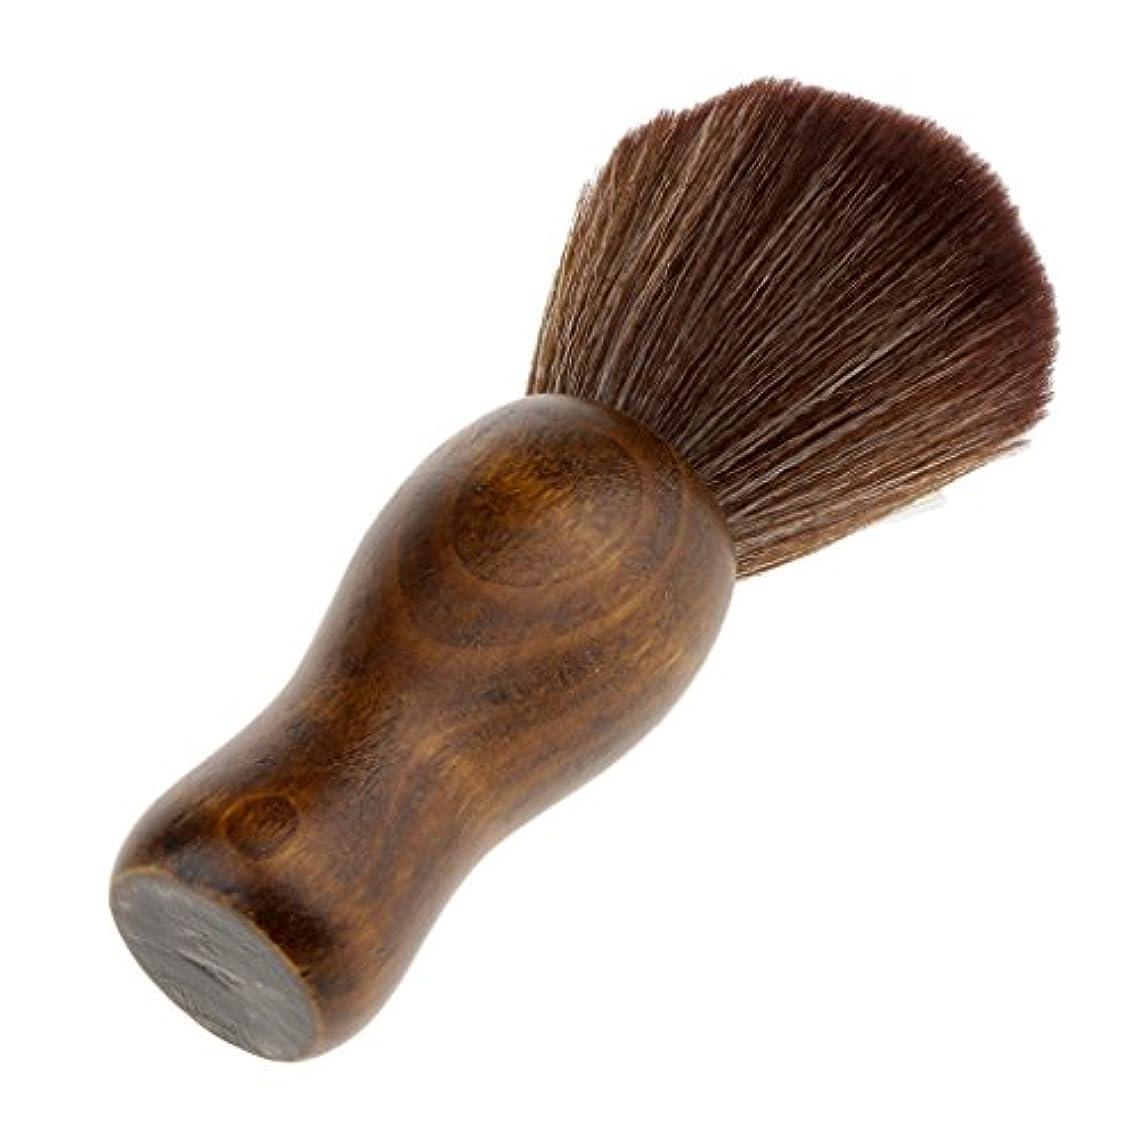 揮発性運賃不平を言うシェービングブラシ ソフトファイバー シェービング ブラシ 化粧ブラシ ルースパウダー メイクブラシ 木製 2色選べる - 褐色